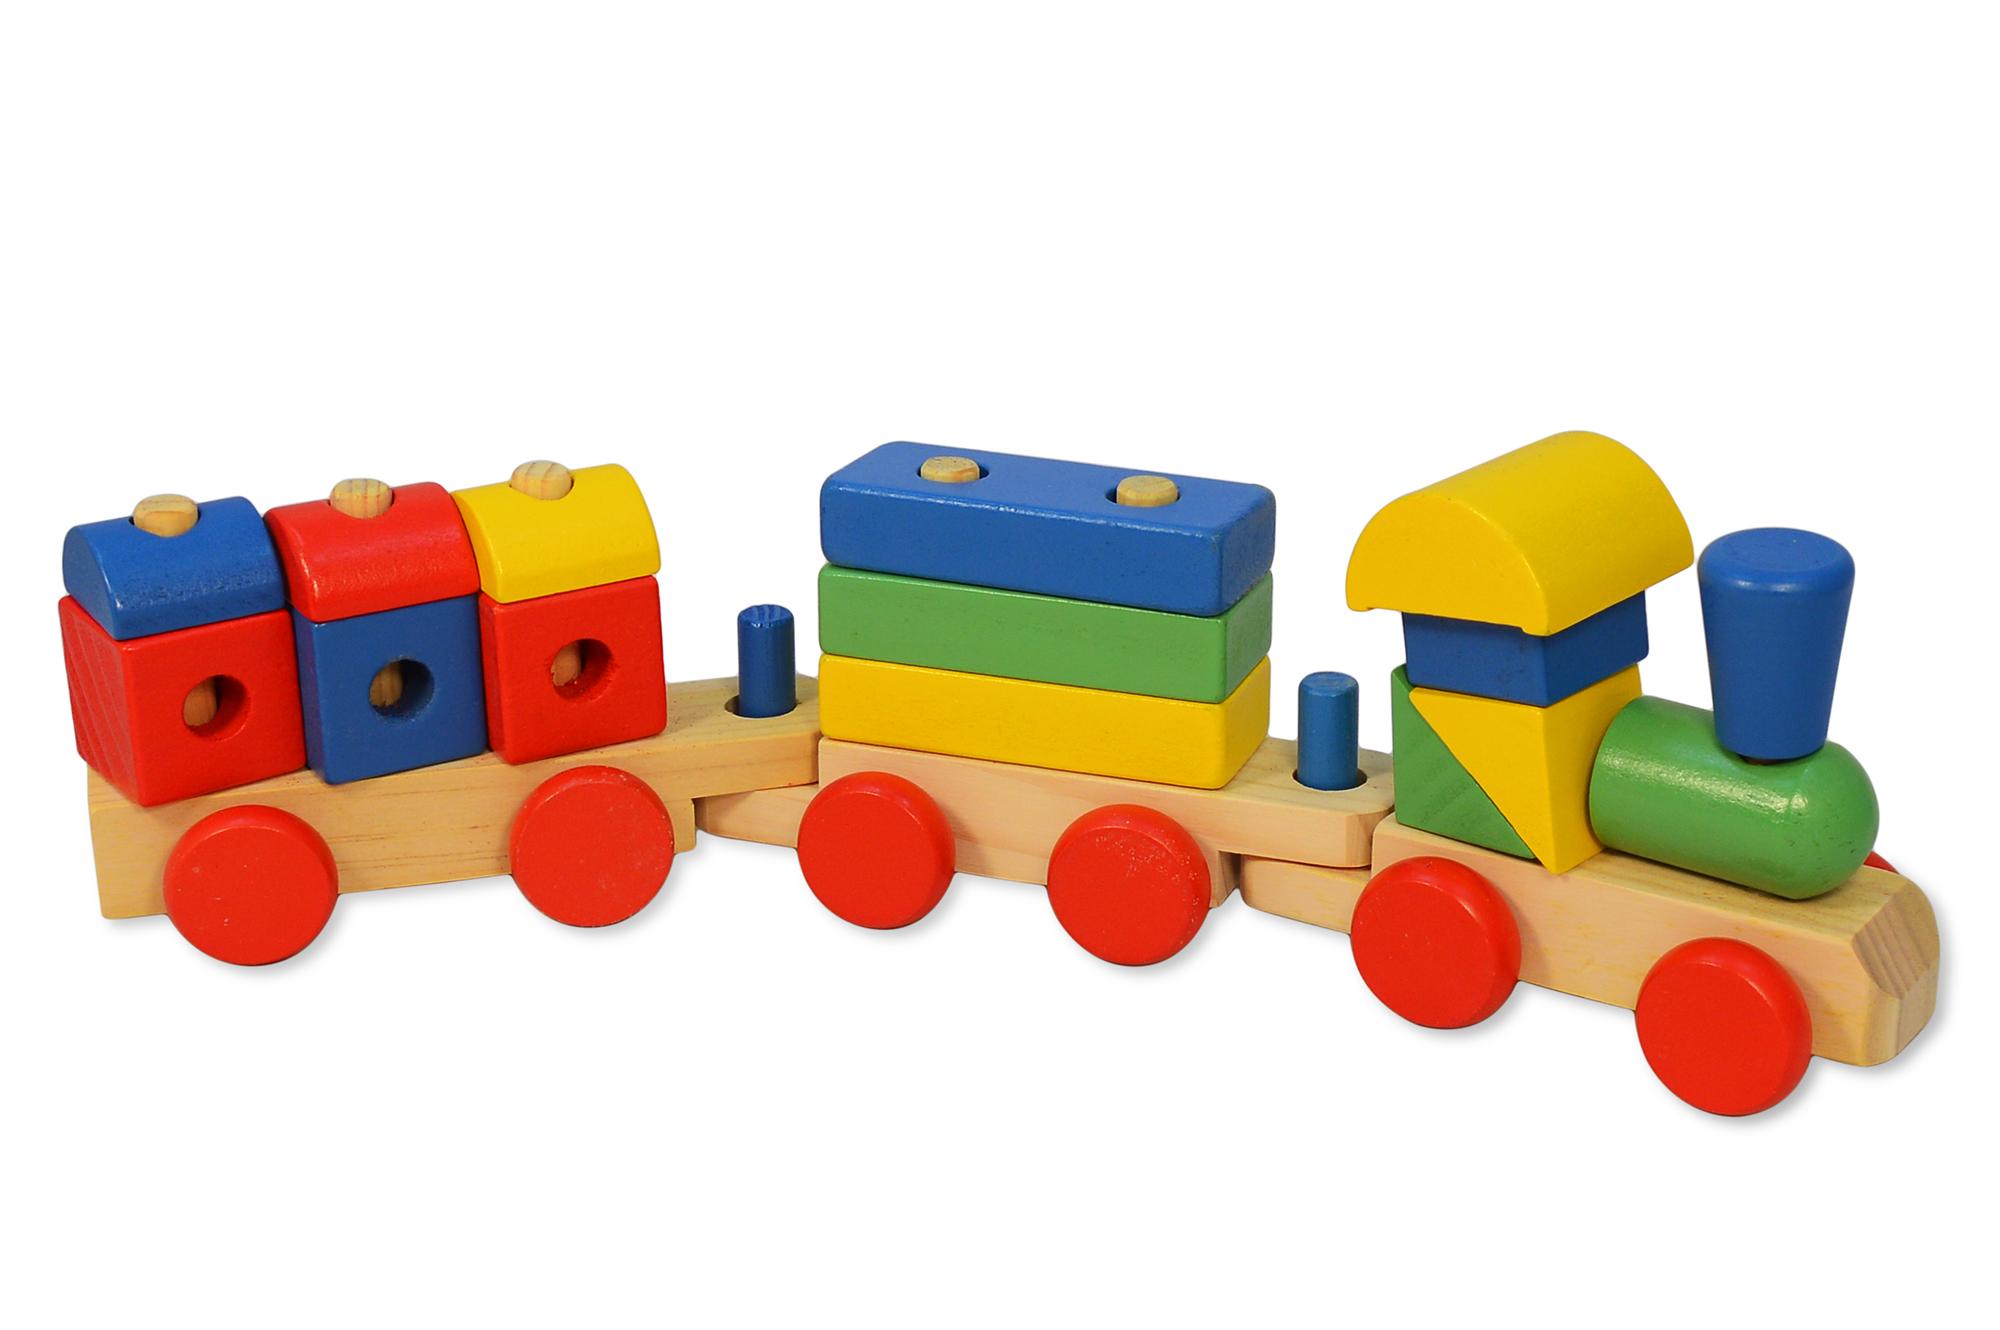 Holzzug holzeisenbahn eisenbahn aus holz zug spielzeug